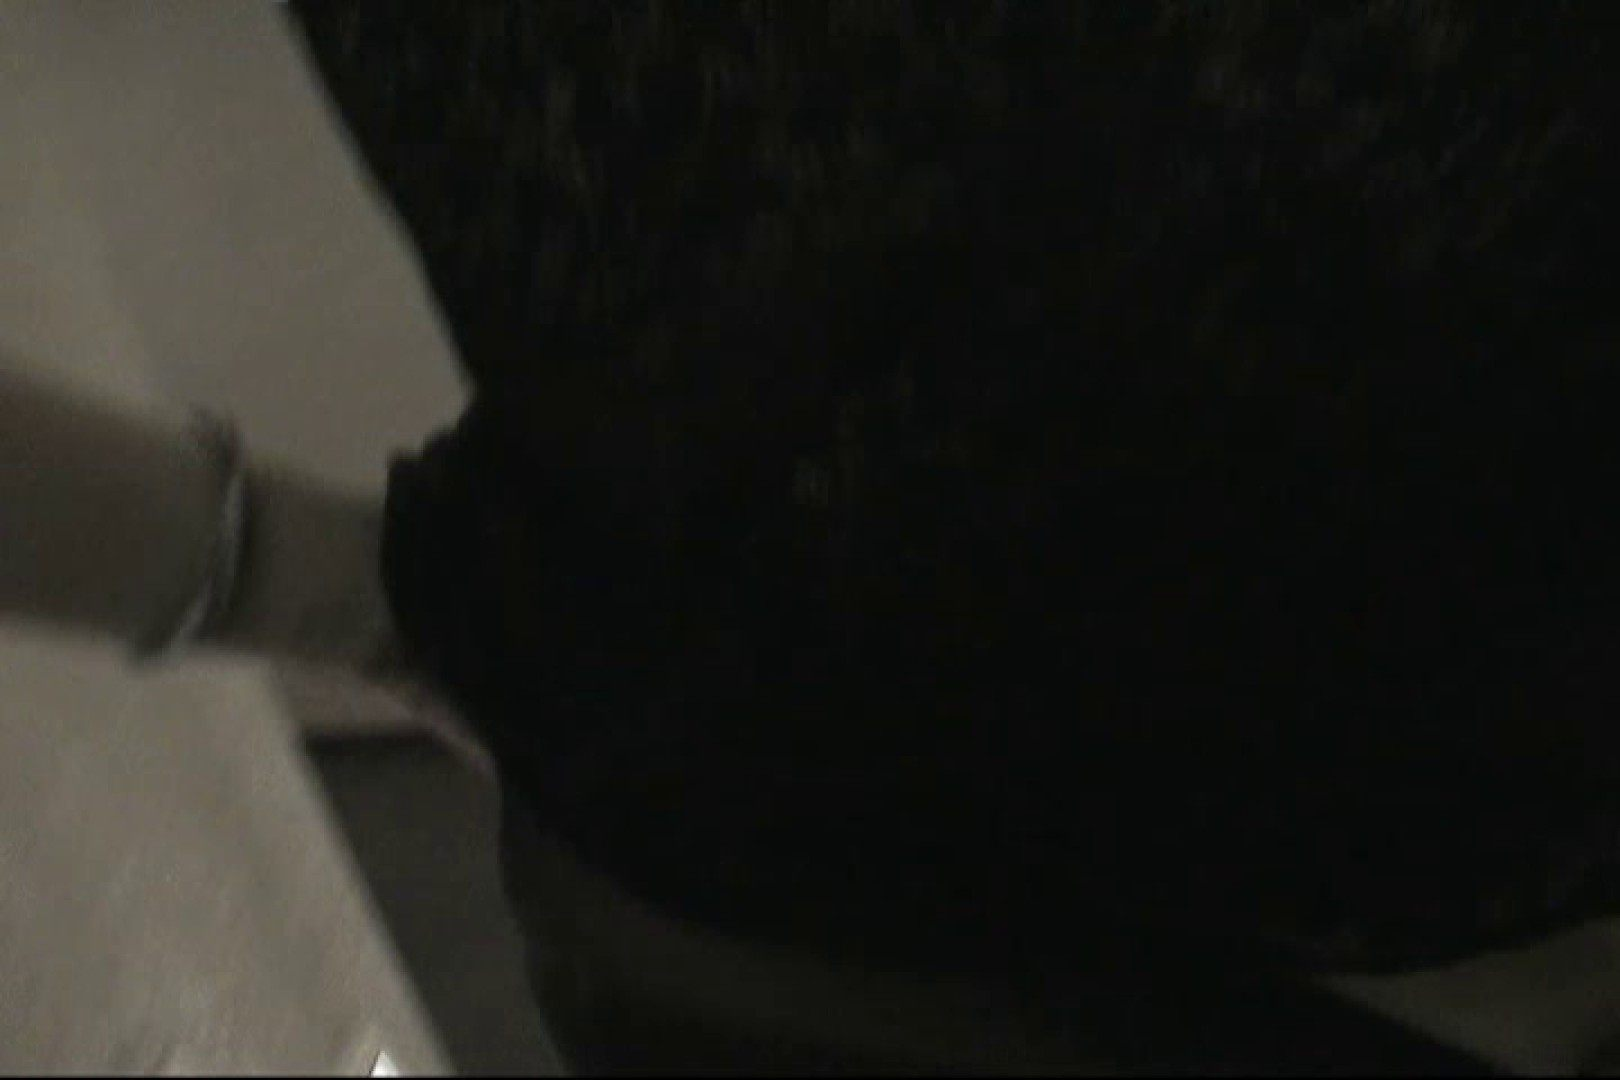 四十路の熟れた体が男を欲しがる~山川としえ~ 覗き アダルト動画キャプチャ 78pic 12